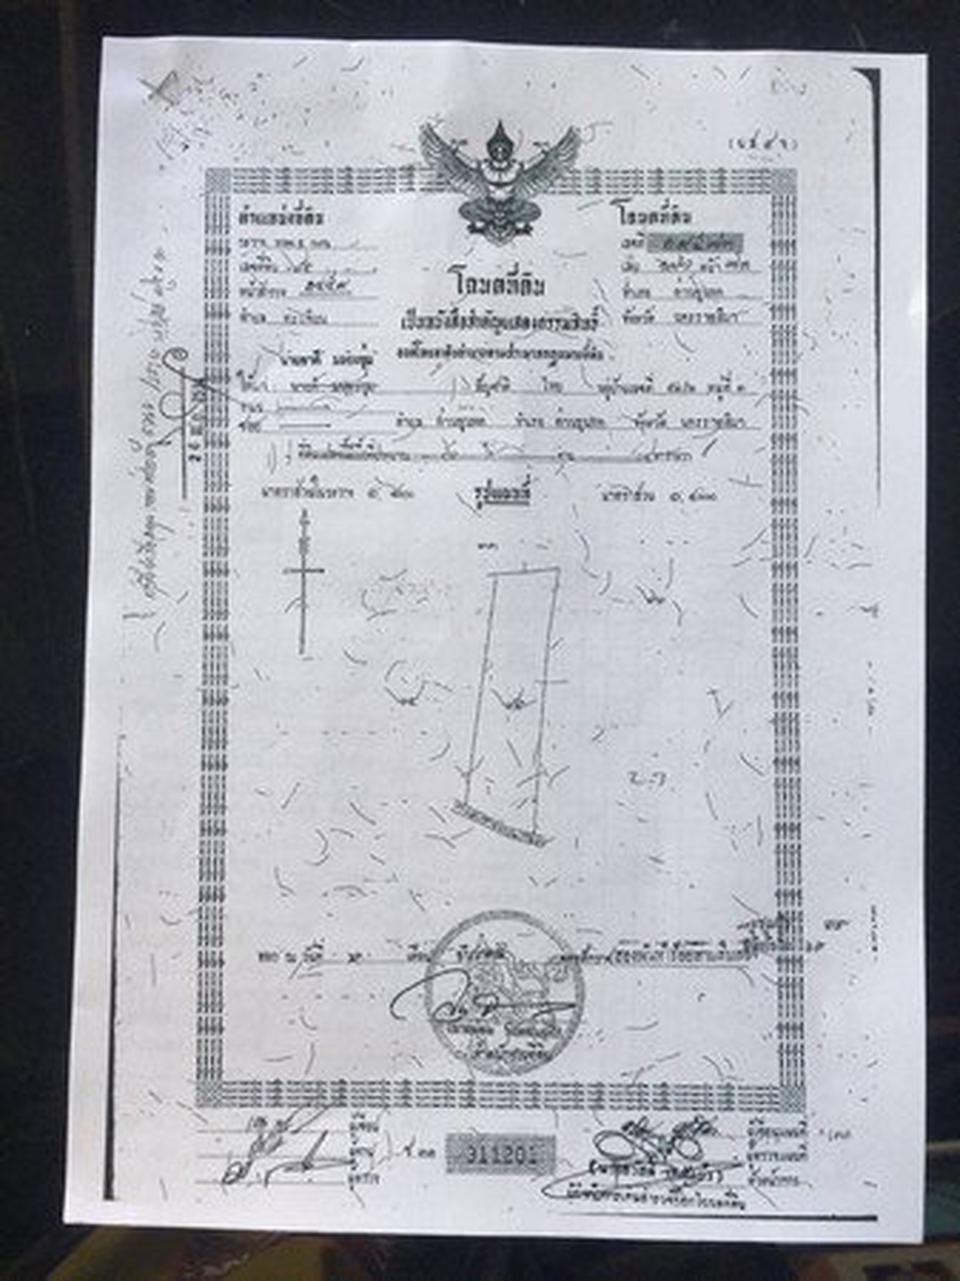 ขายด่วน ที่ดินเปล่า 16 ไร่ แบ่งขายไร่ละ 650,000 บาท ทำเลน่าลงทุน  จ.นครราชสีมา รูปที่ 1